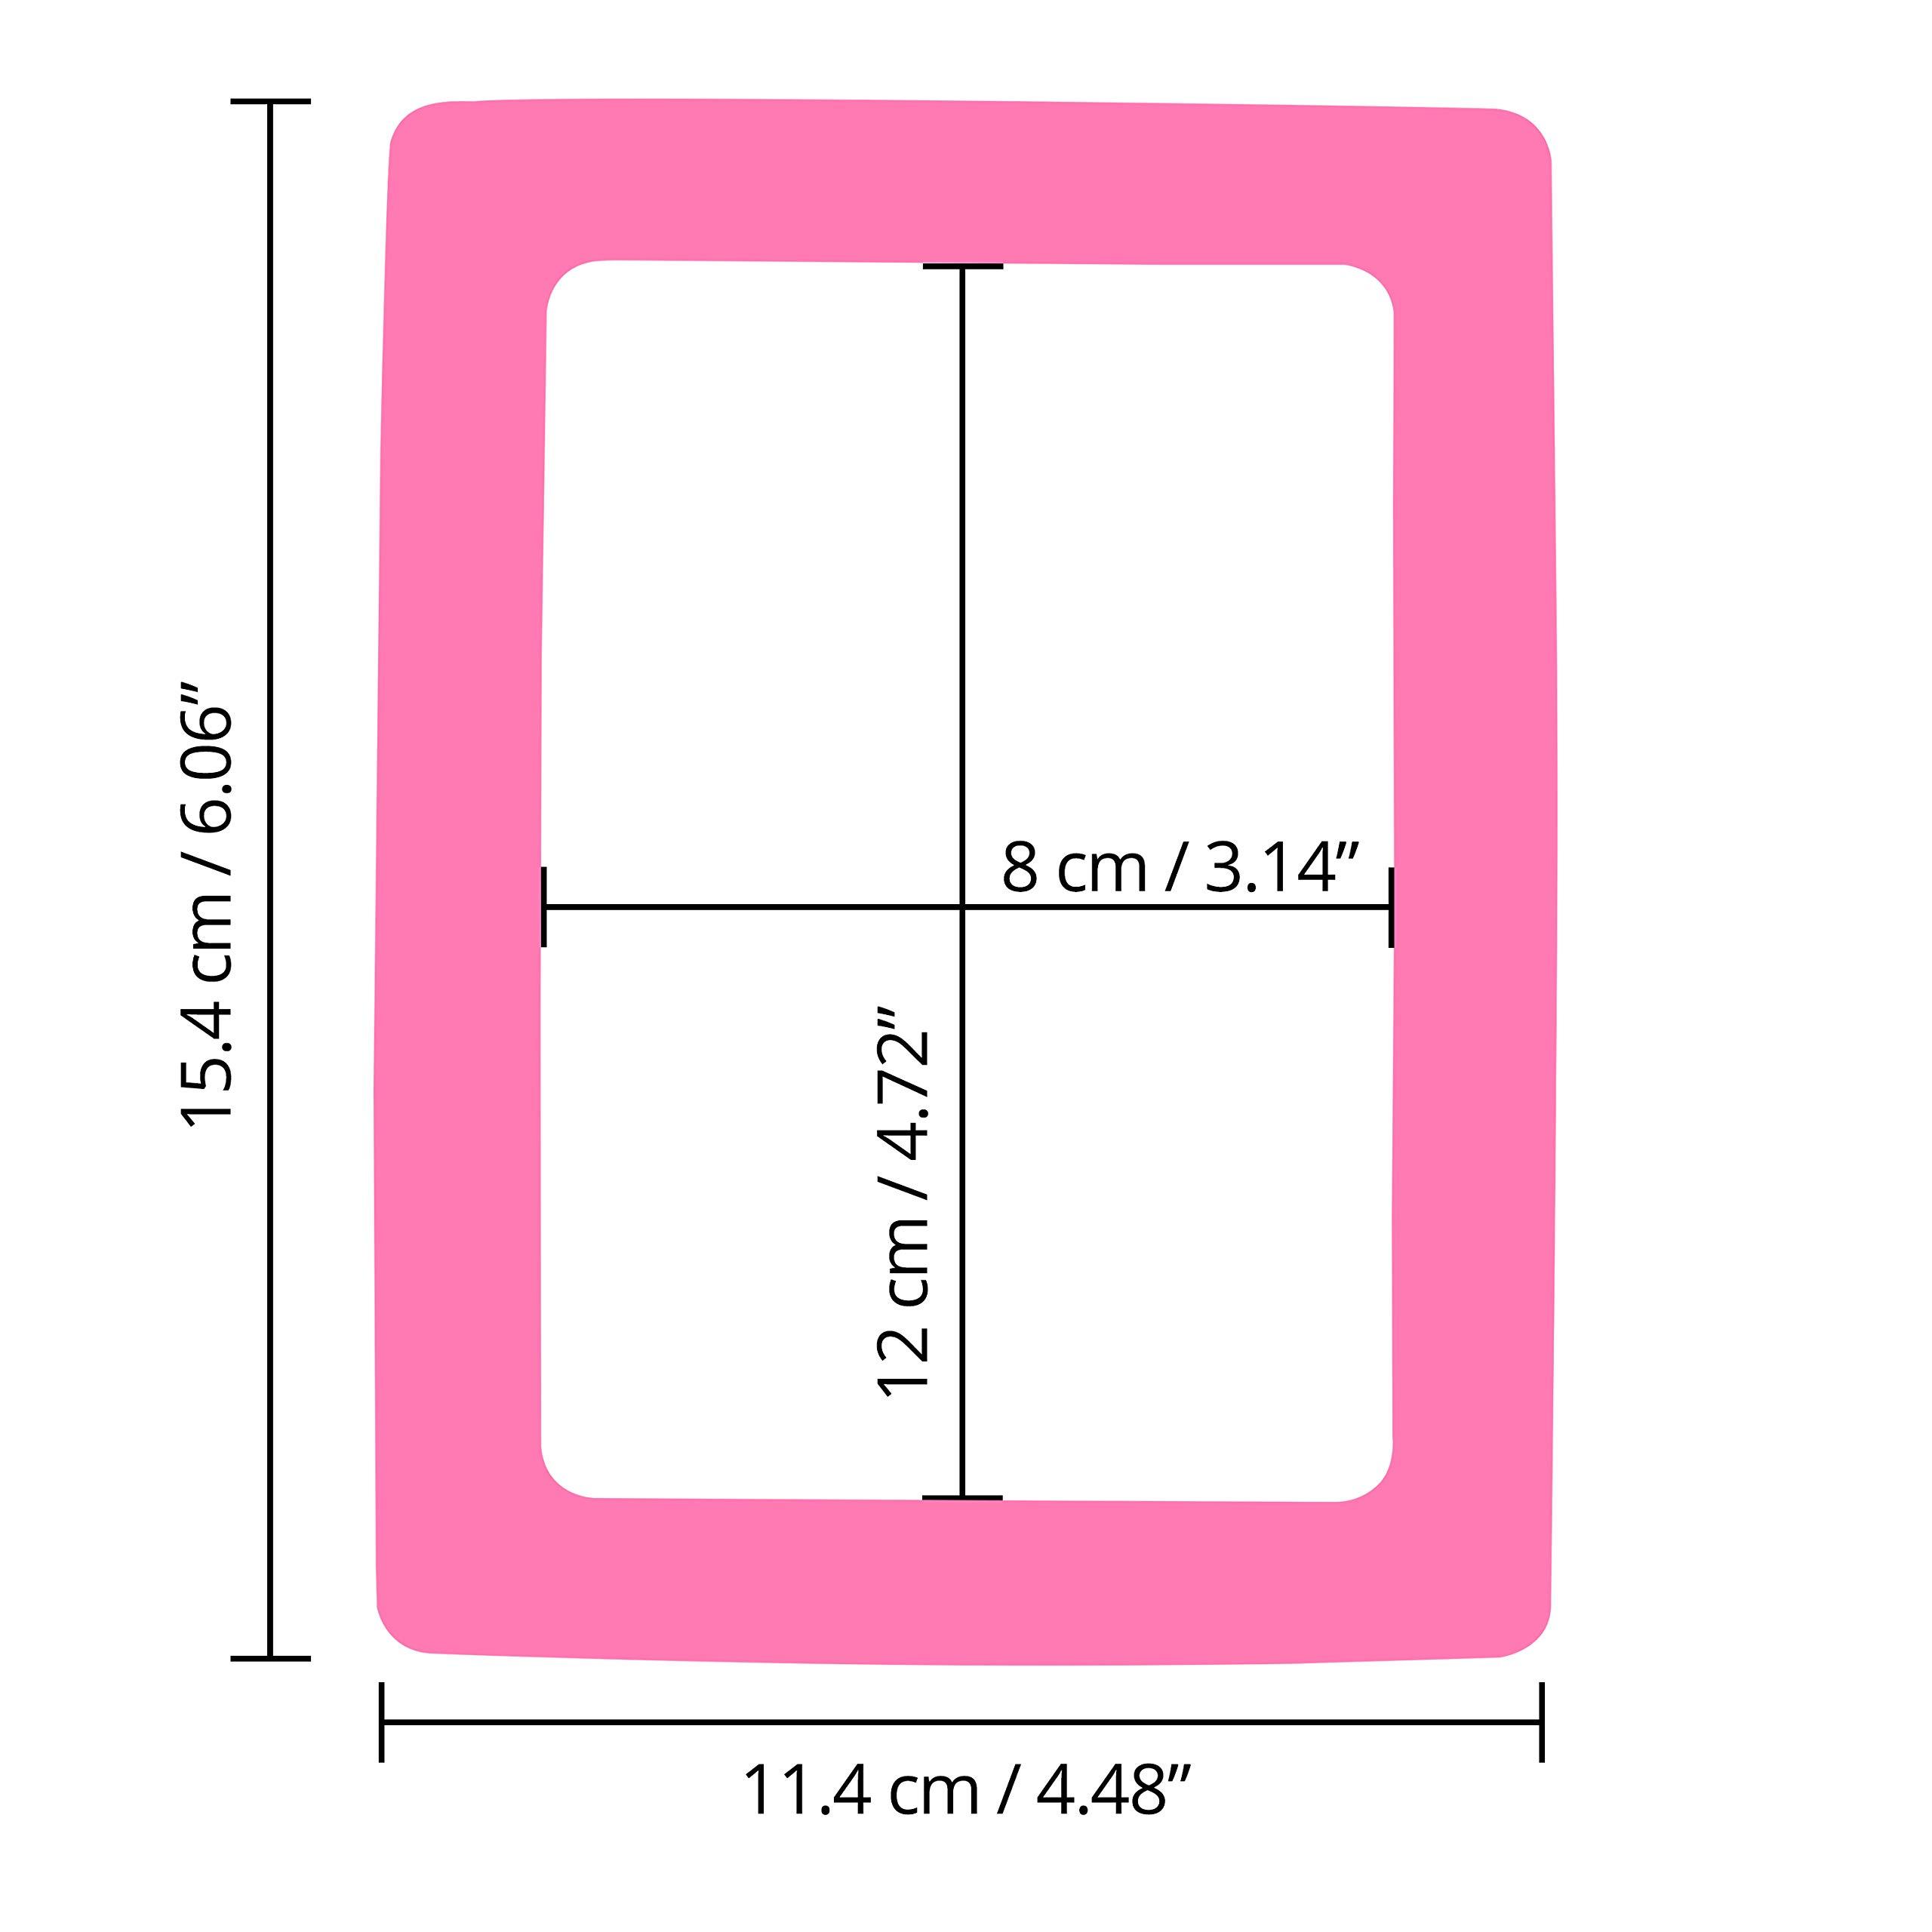 Marco de Fotos con Iman para Refrigerador - Pack 15 Marco Magnetico 5 Colores Surtidos - Iman Portafoto Nevera para Foto 11.4 cm x 15.4 cm (4 x 6 inches) para Fotos Familiares, Diversión para Niños: Amazon.es: Hogar